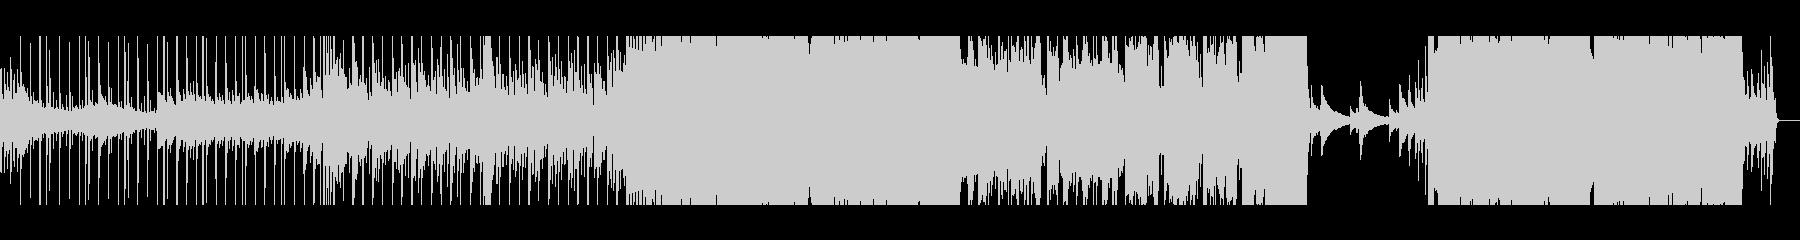 「切ないクリスマスbgm」の未再生の波形